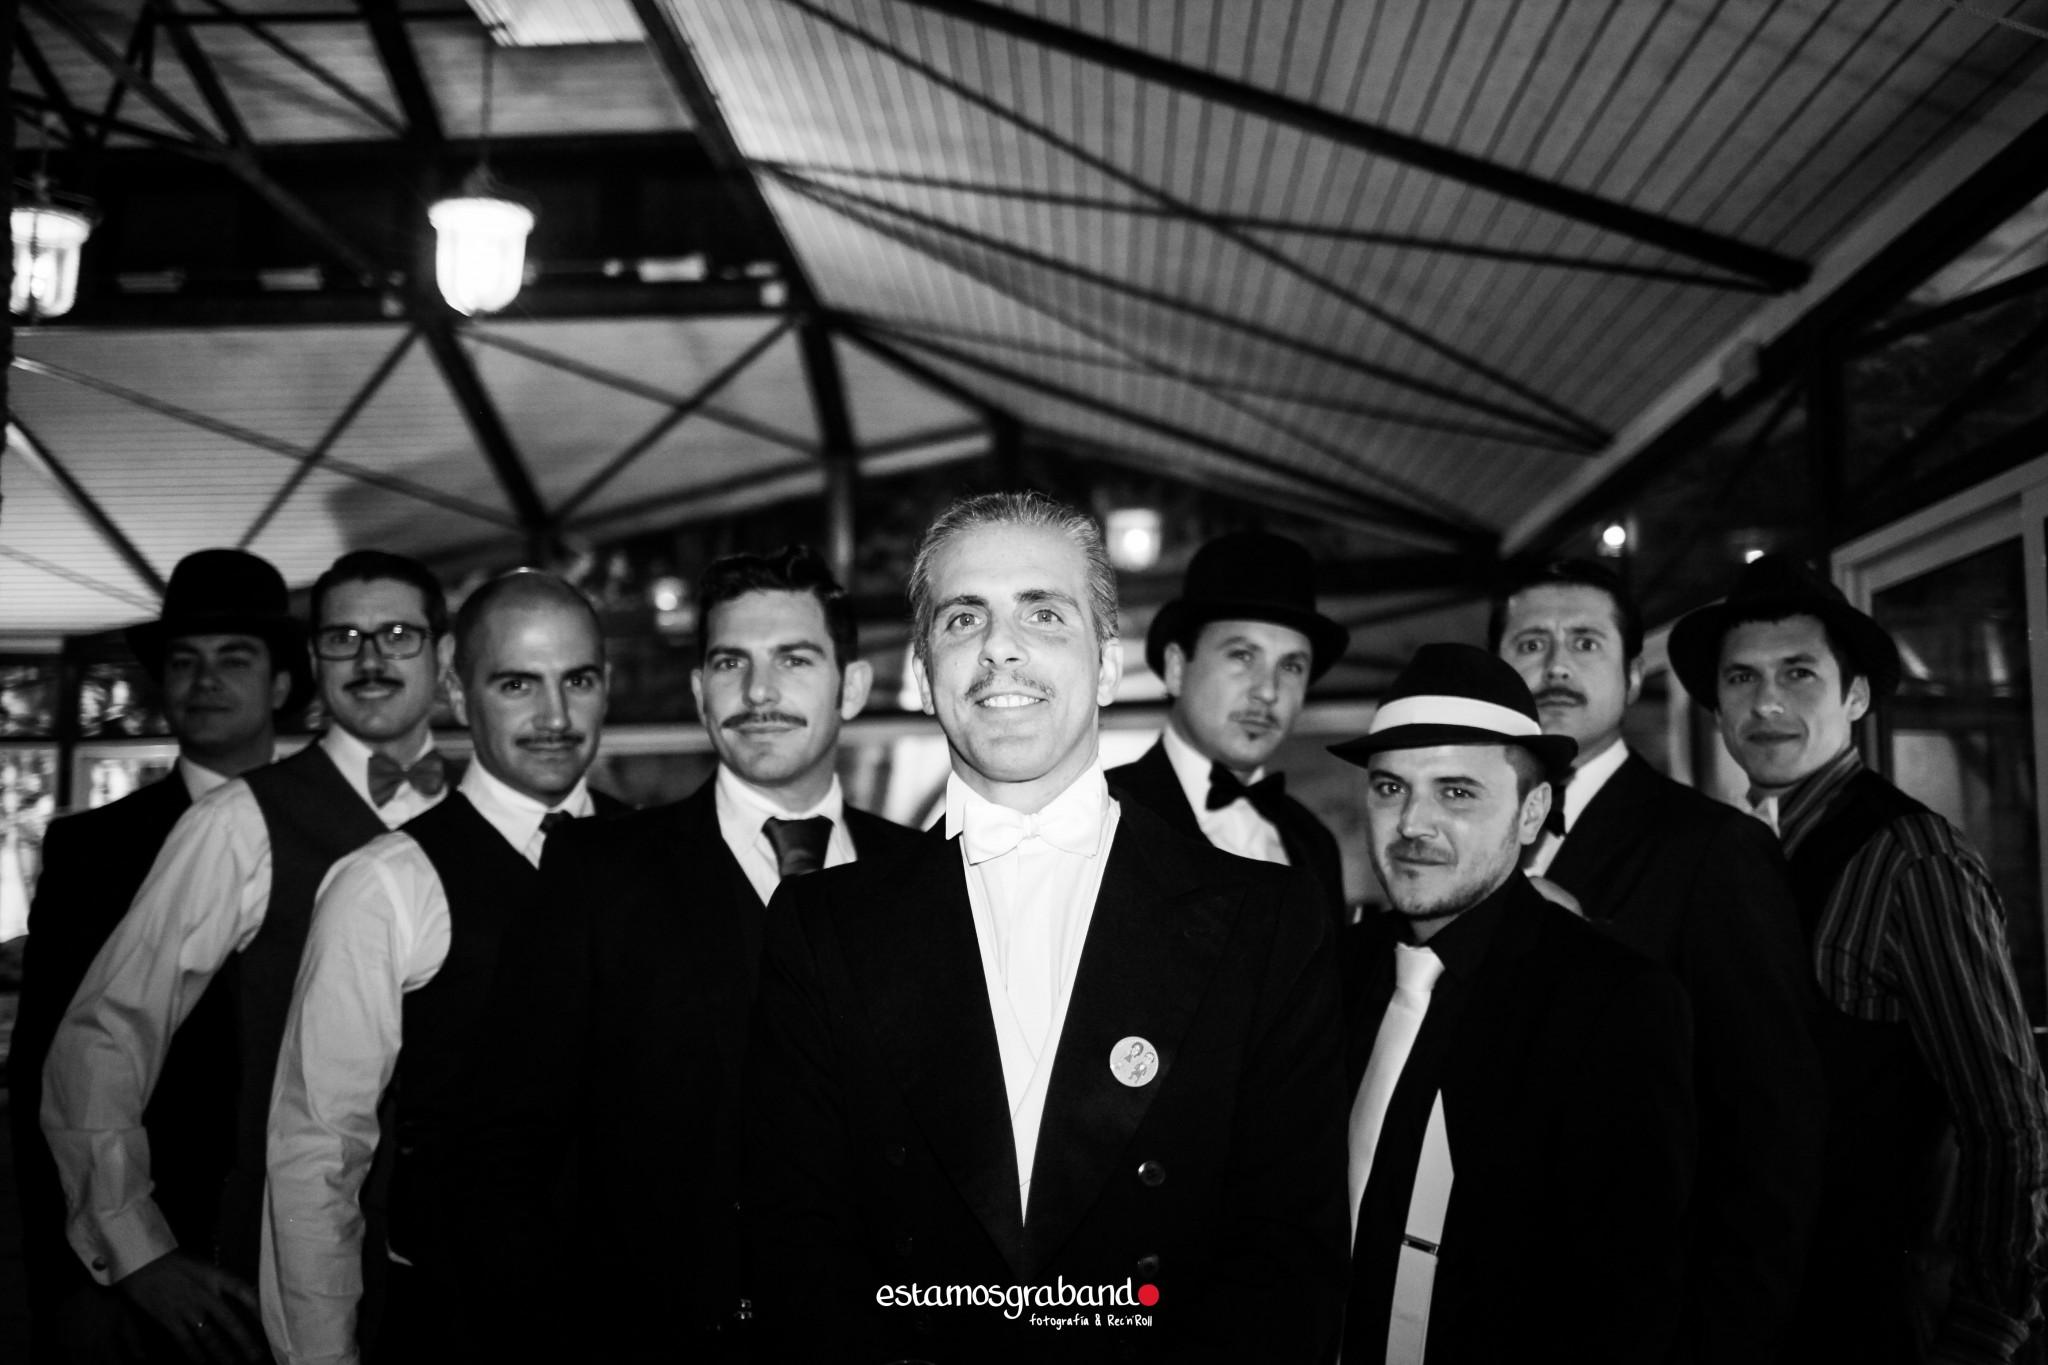 Años-20-BBTP-45-de-109 Los locos Años 20 [Fotografía en La Teta de Julieta, Cádiz] - video boda cadiz